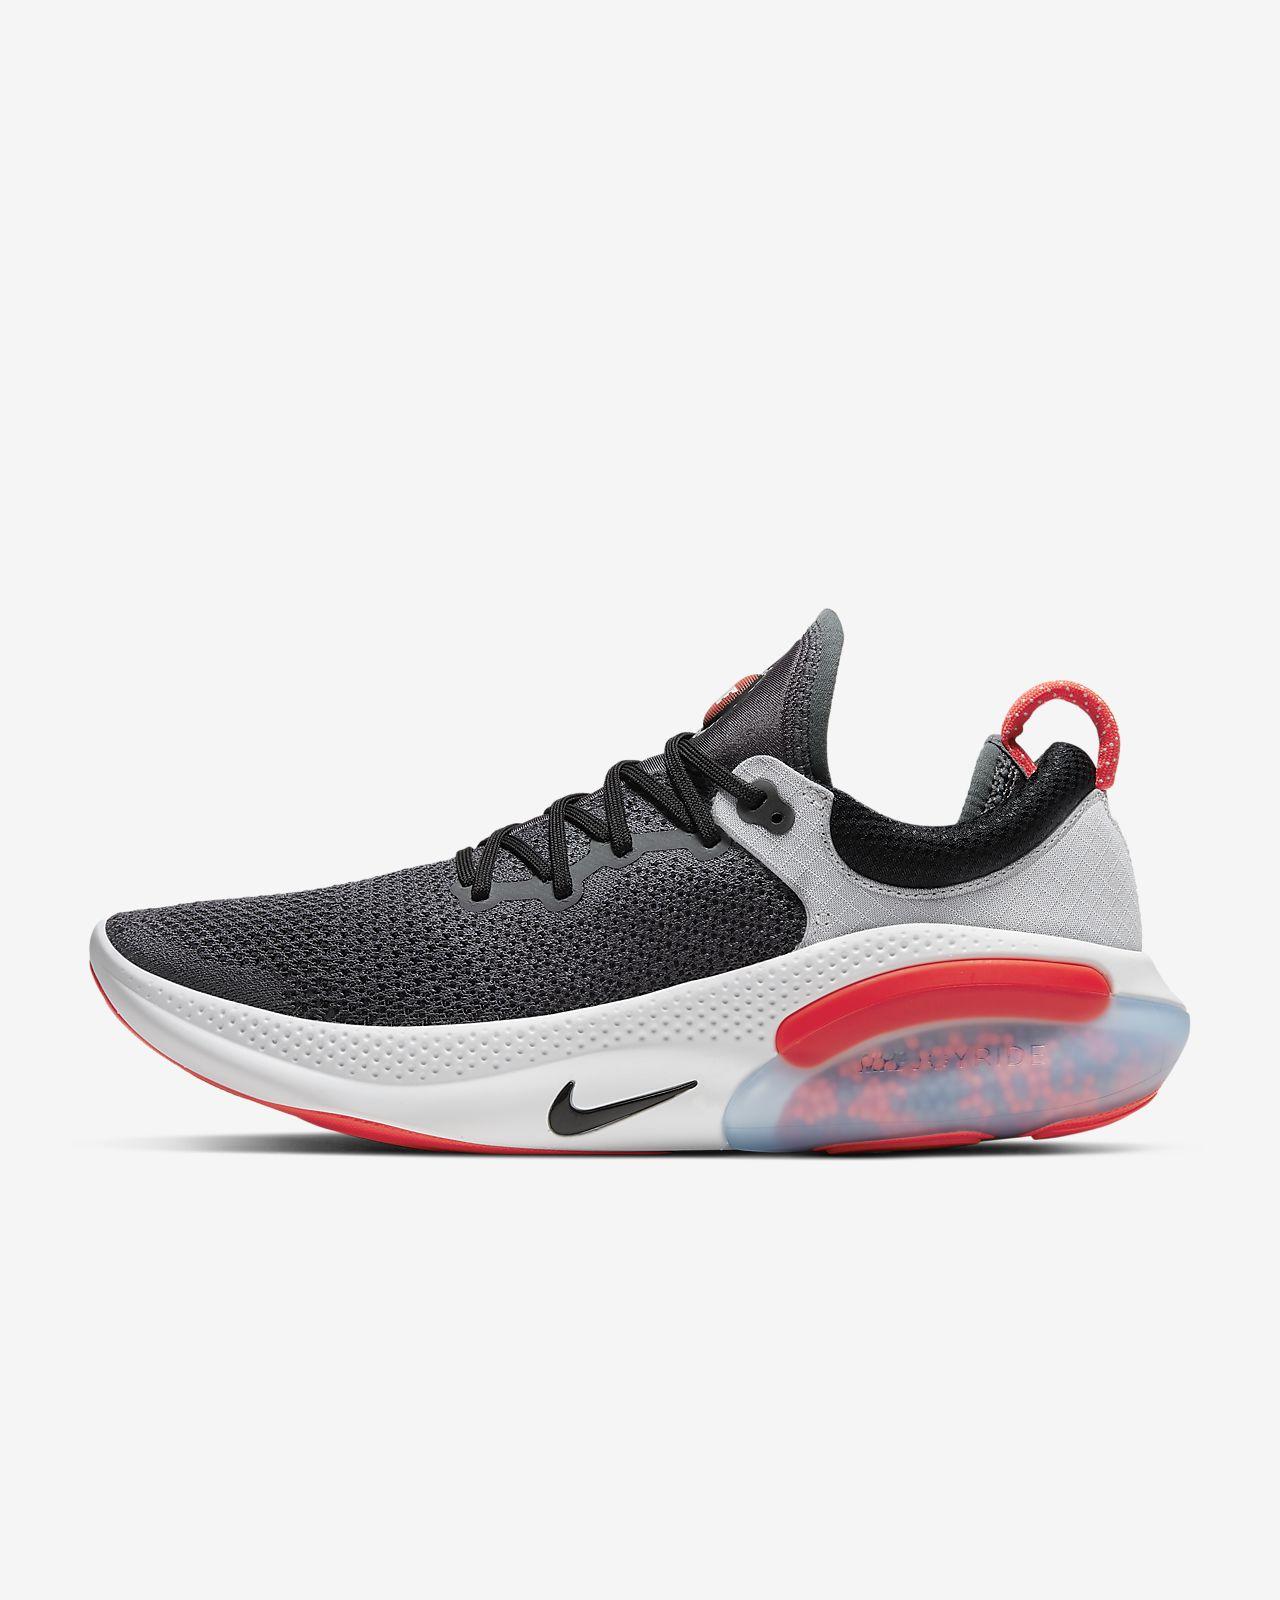 Pánská běžecká bota Nike Joyride Run Flyknit